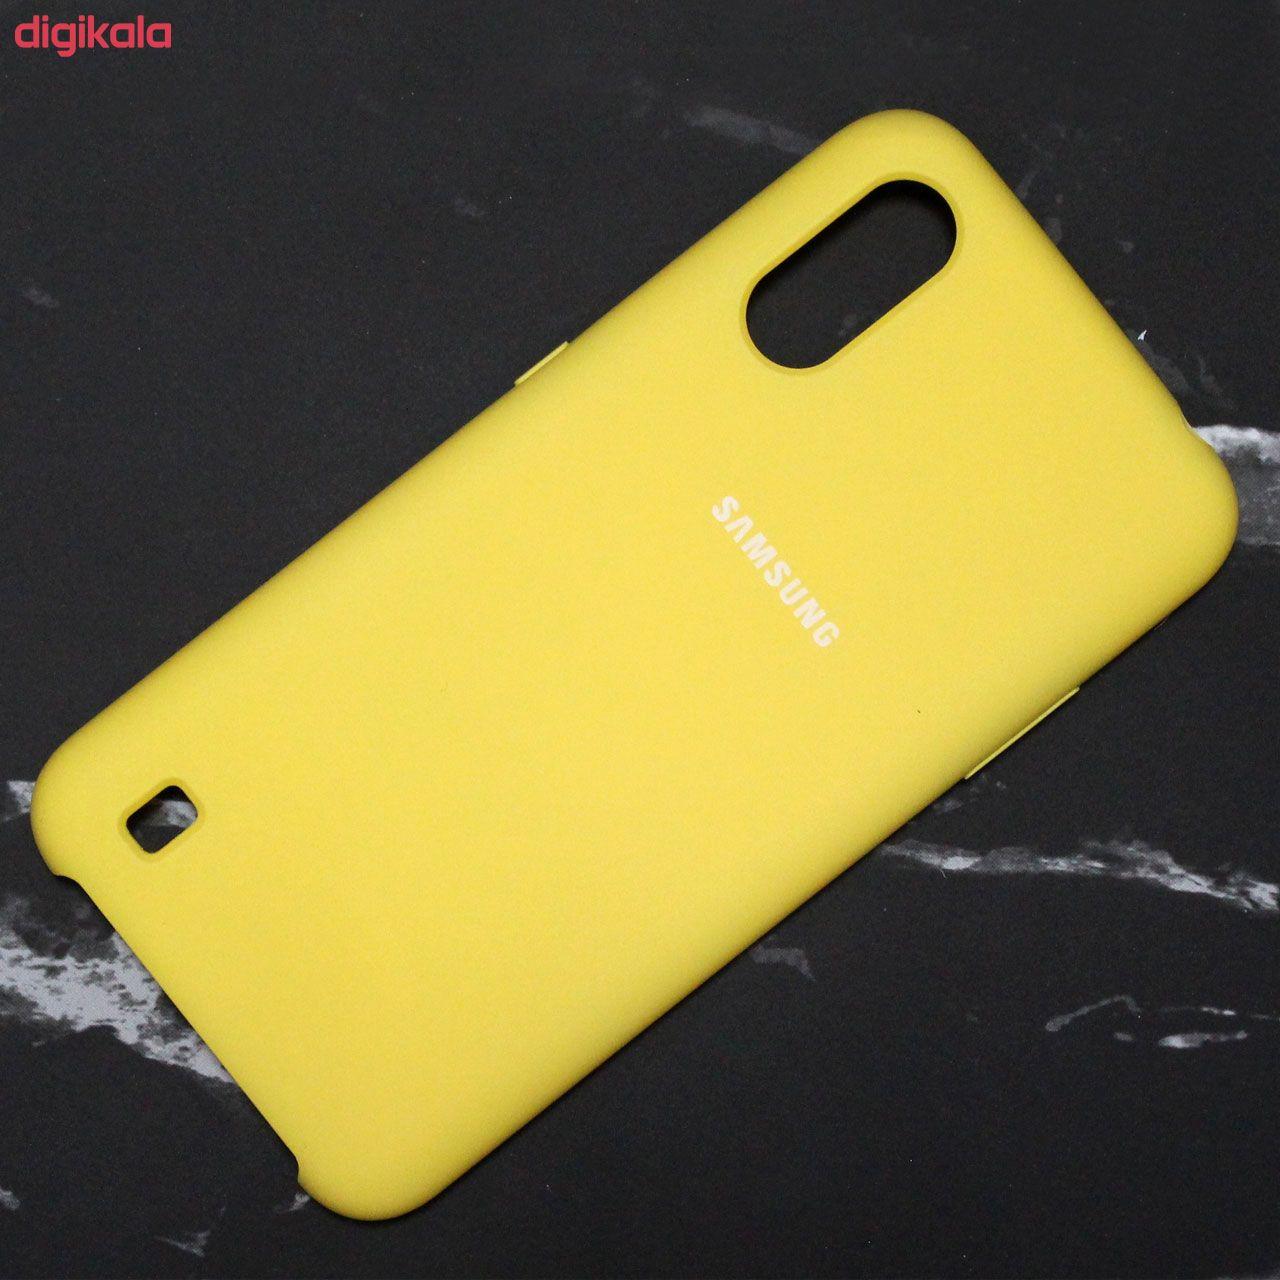 کاور مدل SLCN مناسب برای گوشی موبایل سامسونگ Galaxy A01 main 1 13